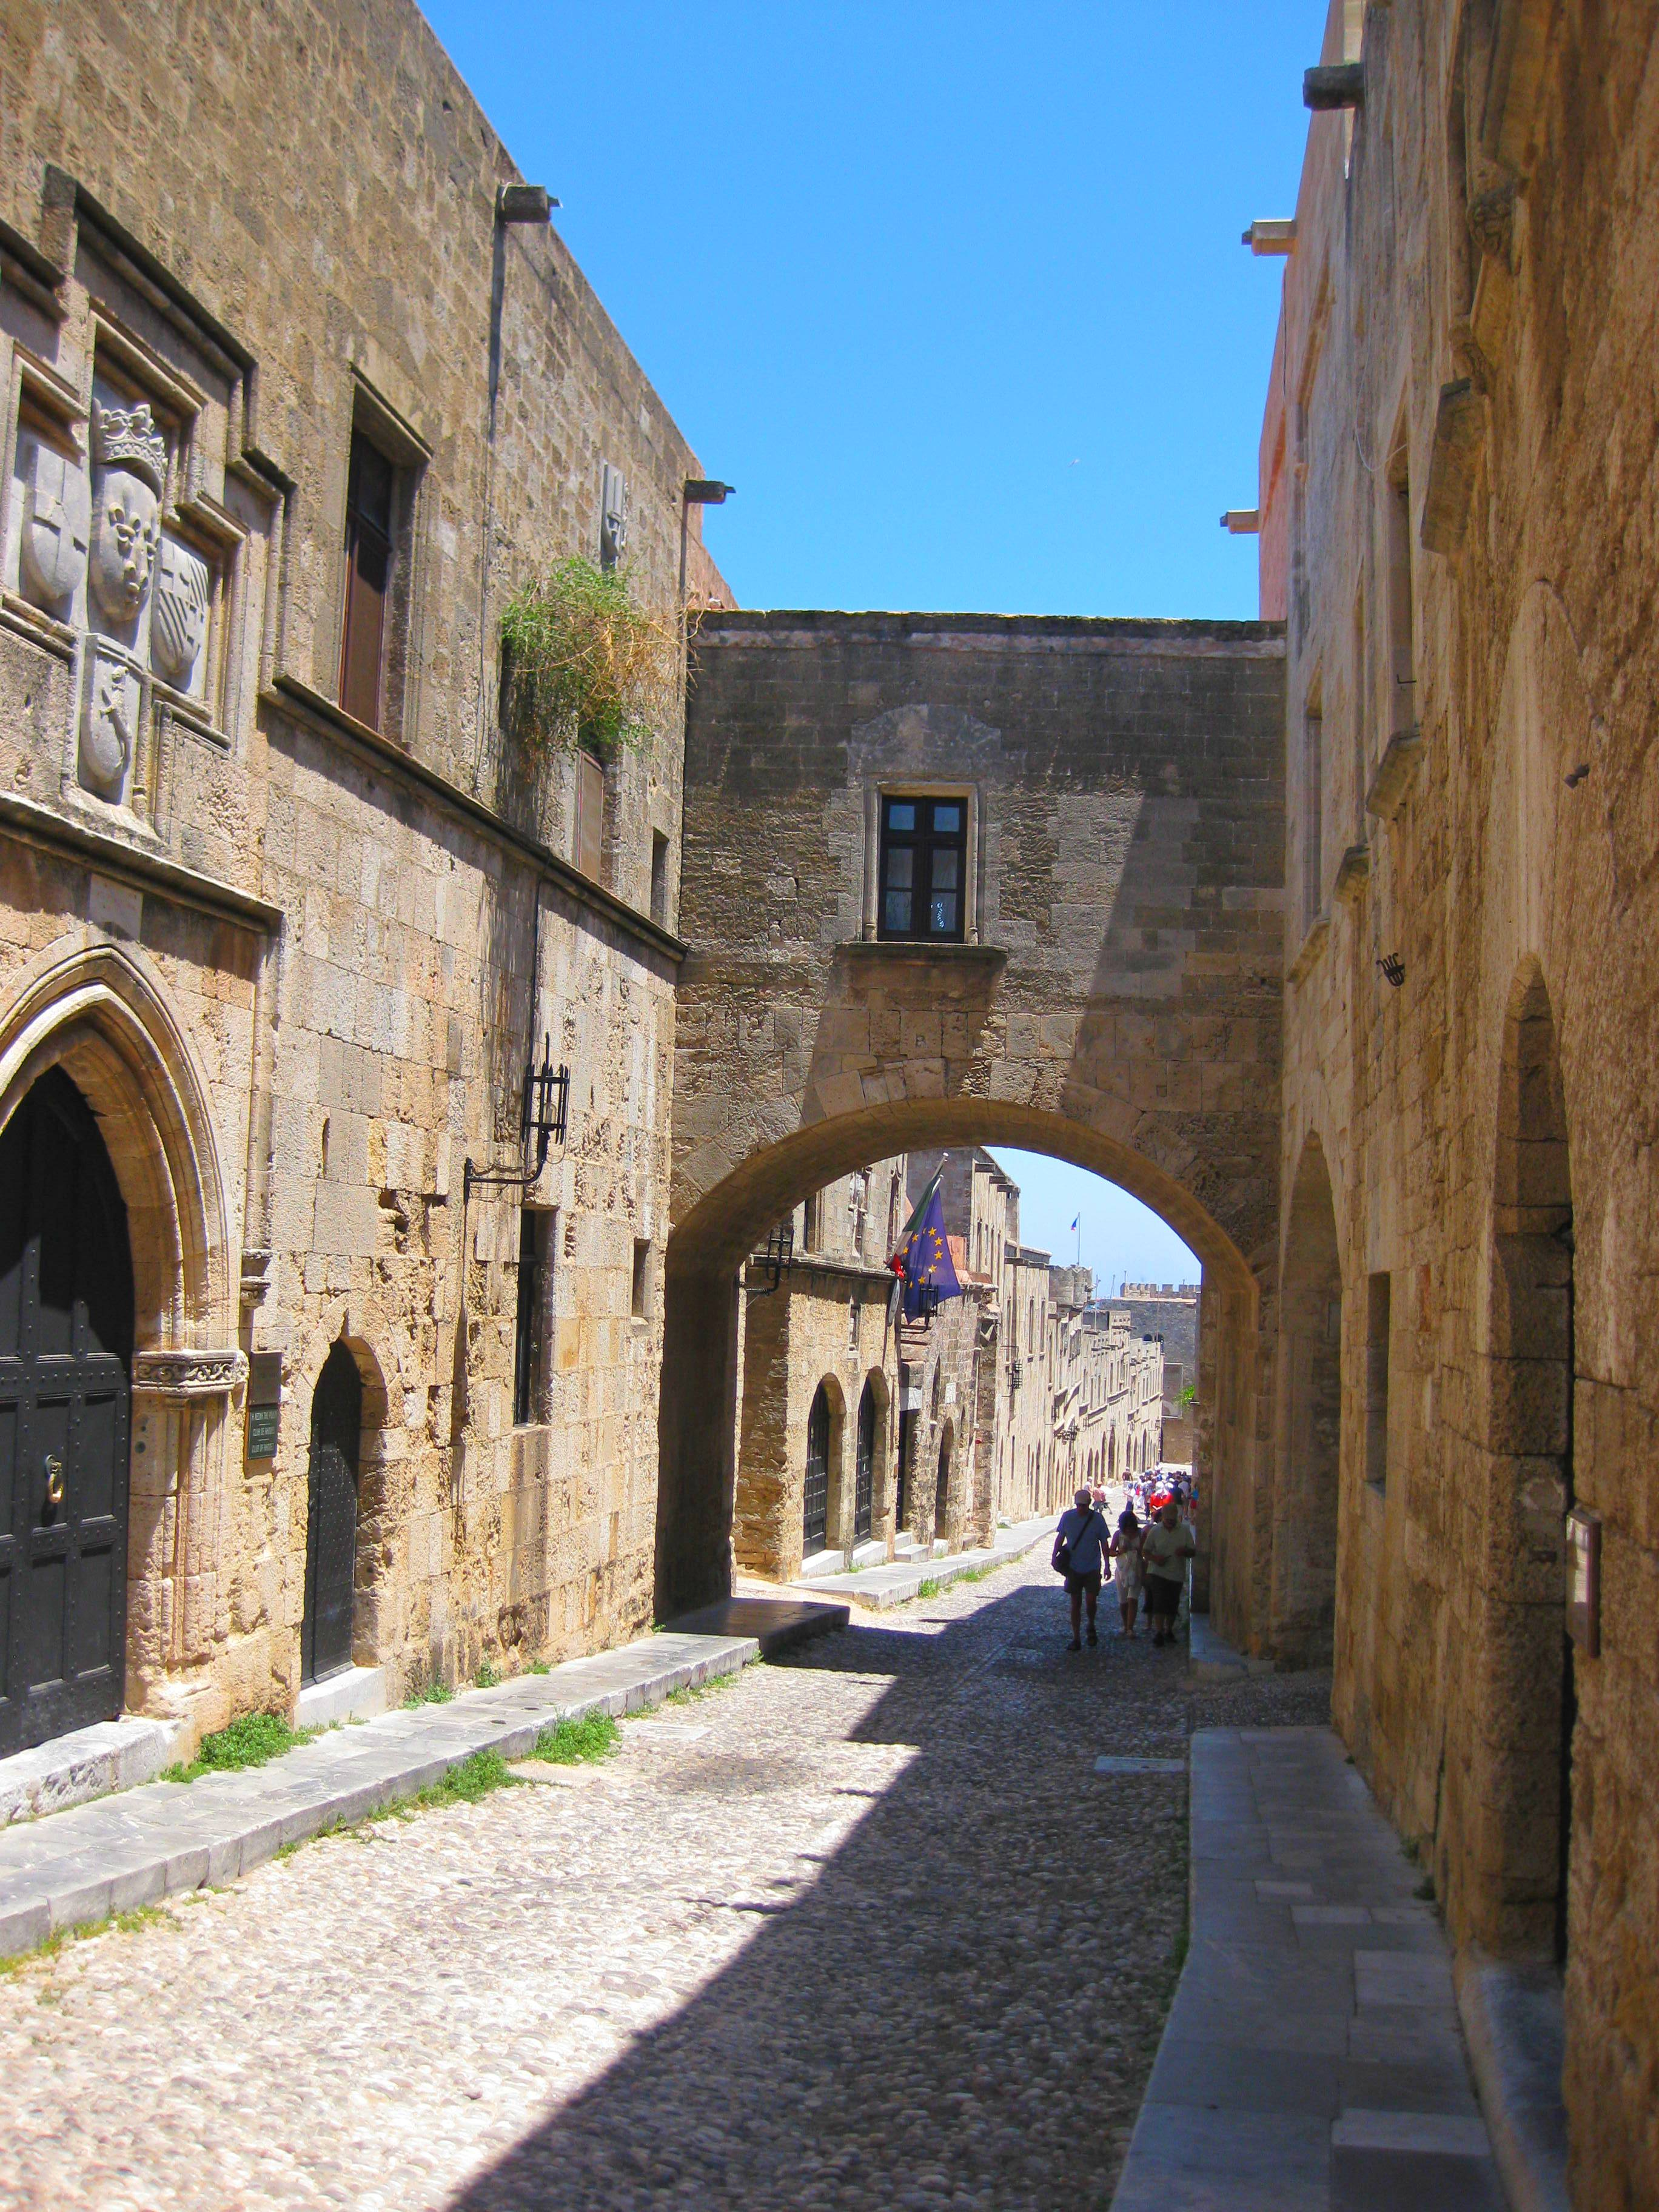 На этой улице Родоса располагались ложи Ордена Госпитальеров